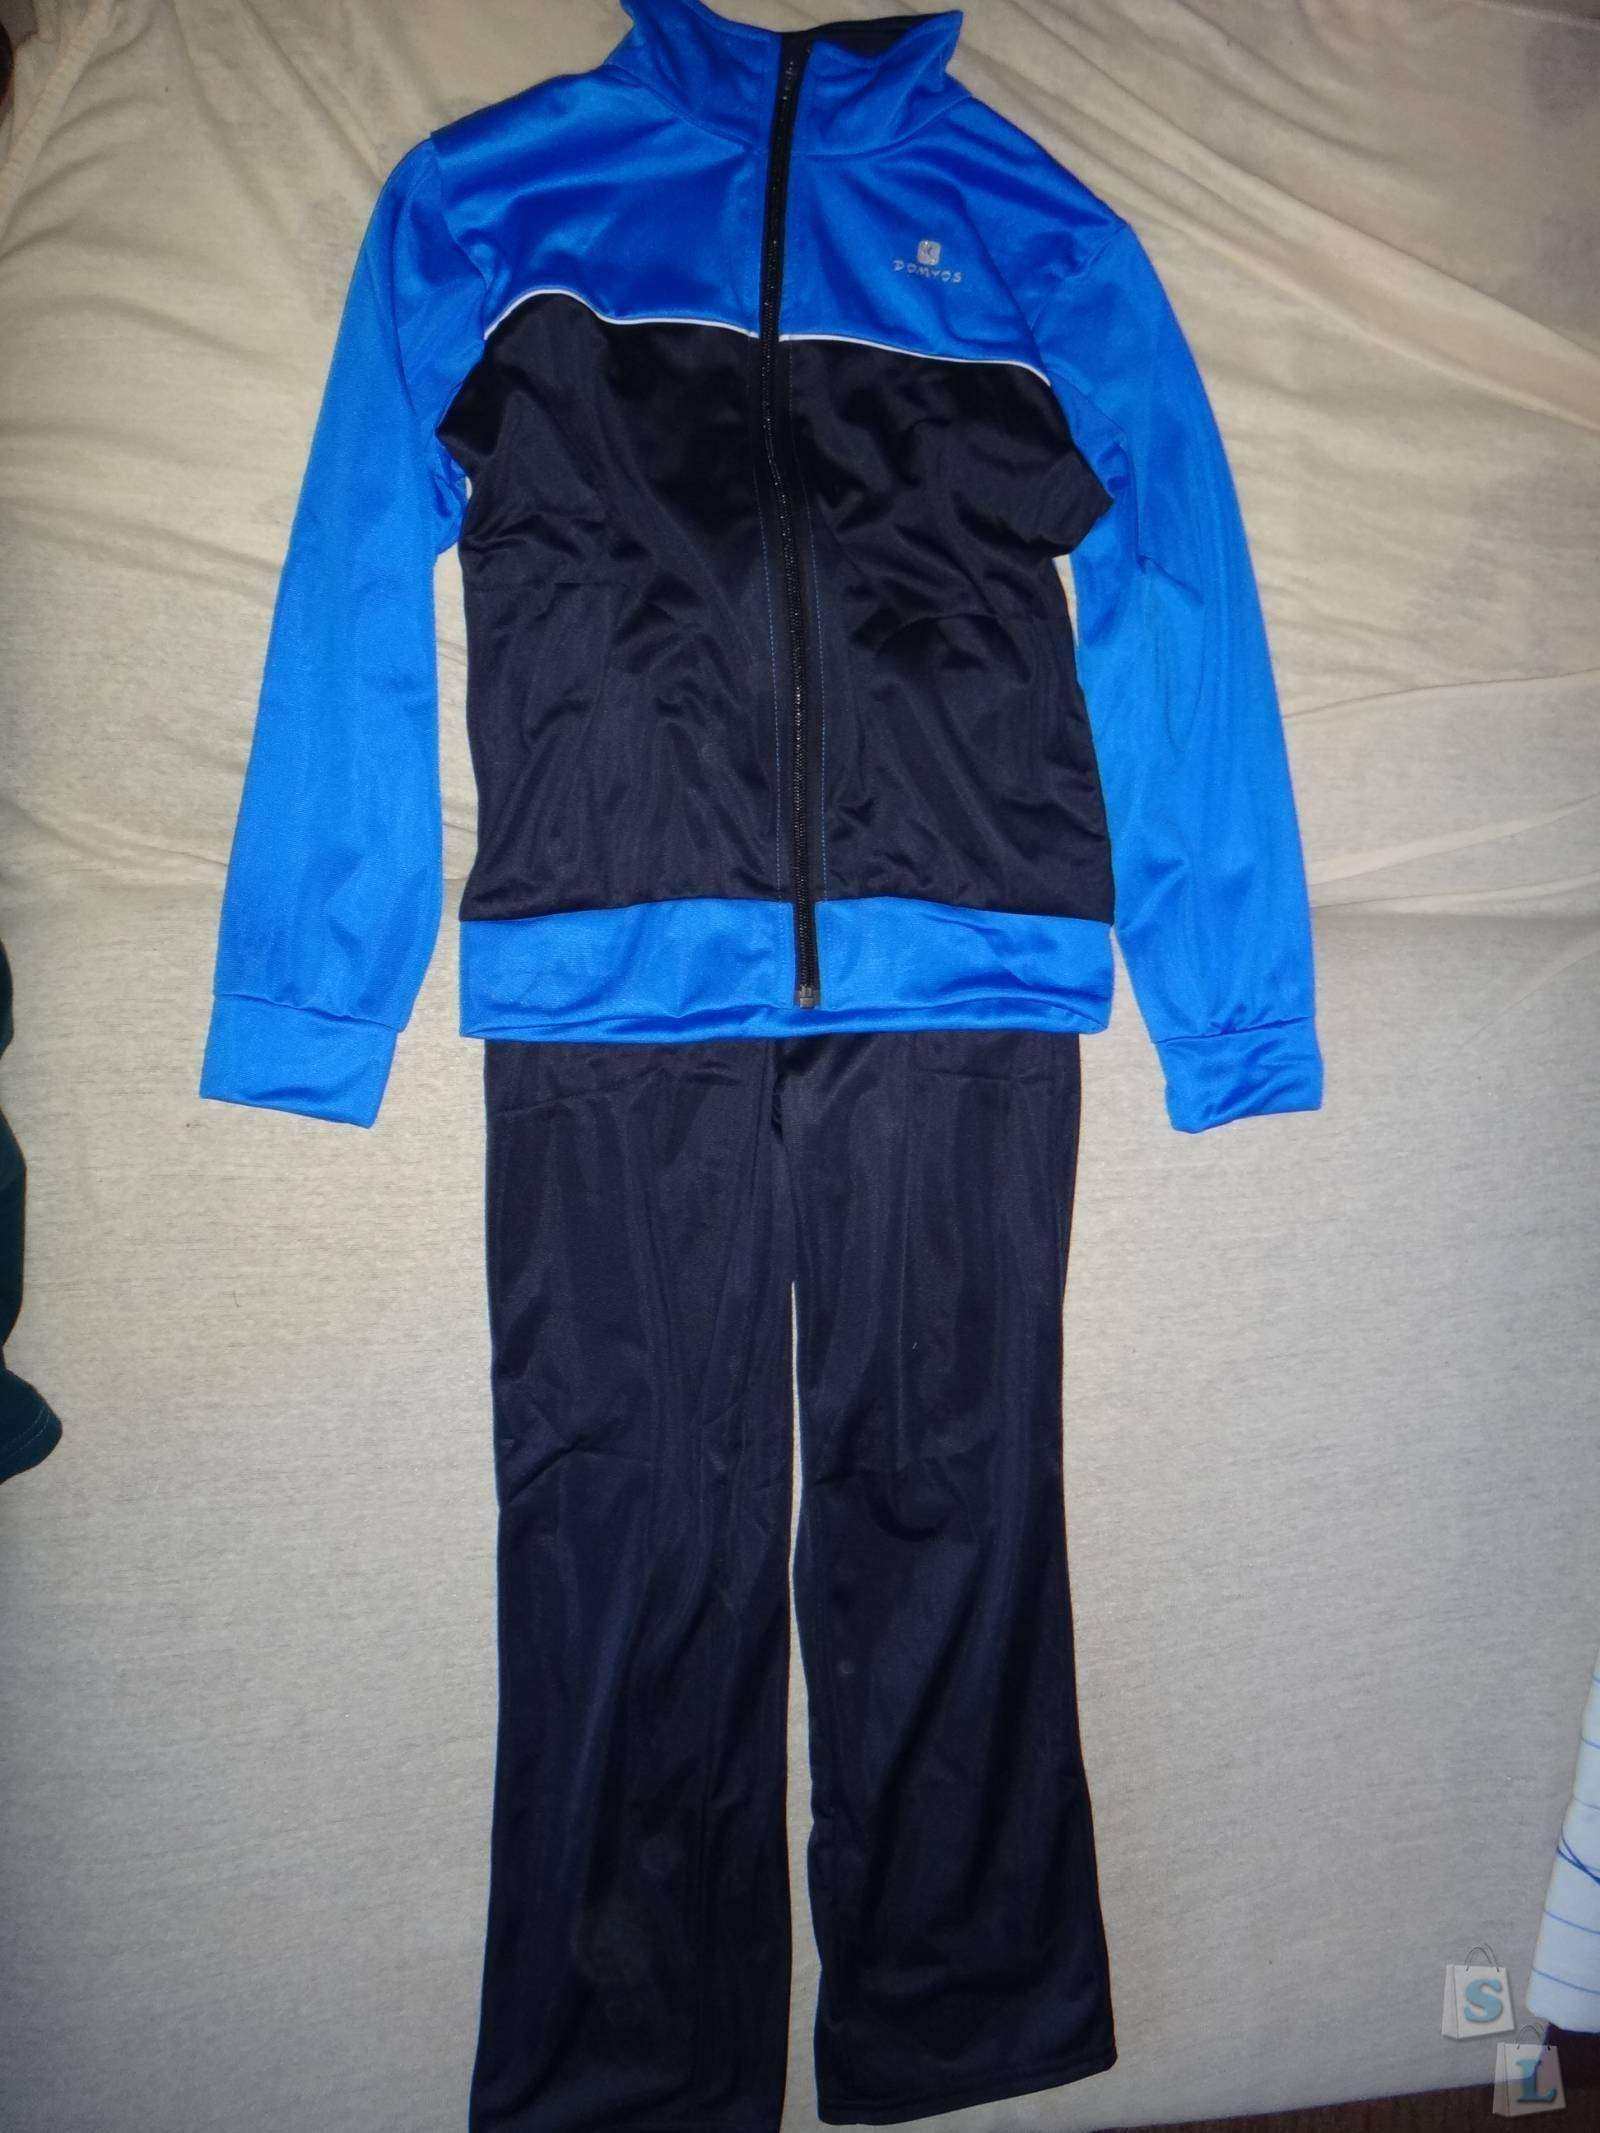 Decathlon: Обзор детского спортивного костюма ТМ DOMYOS  из магазина Декатлон